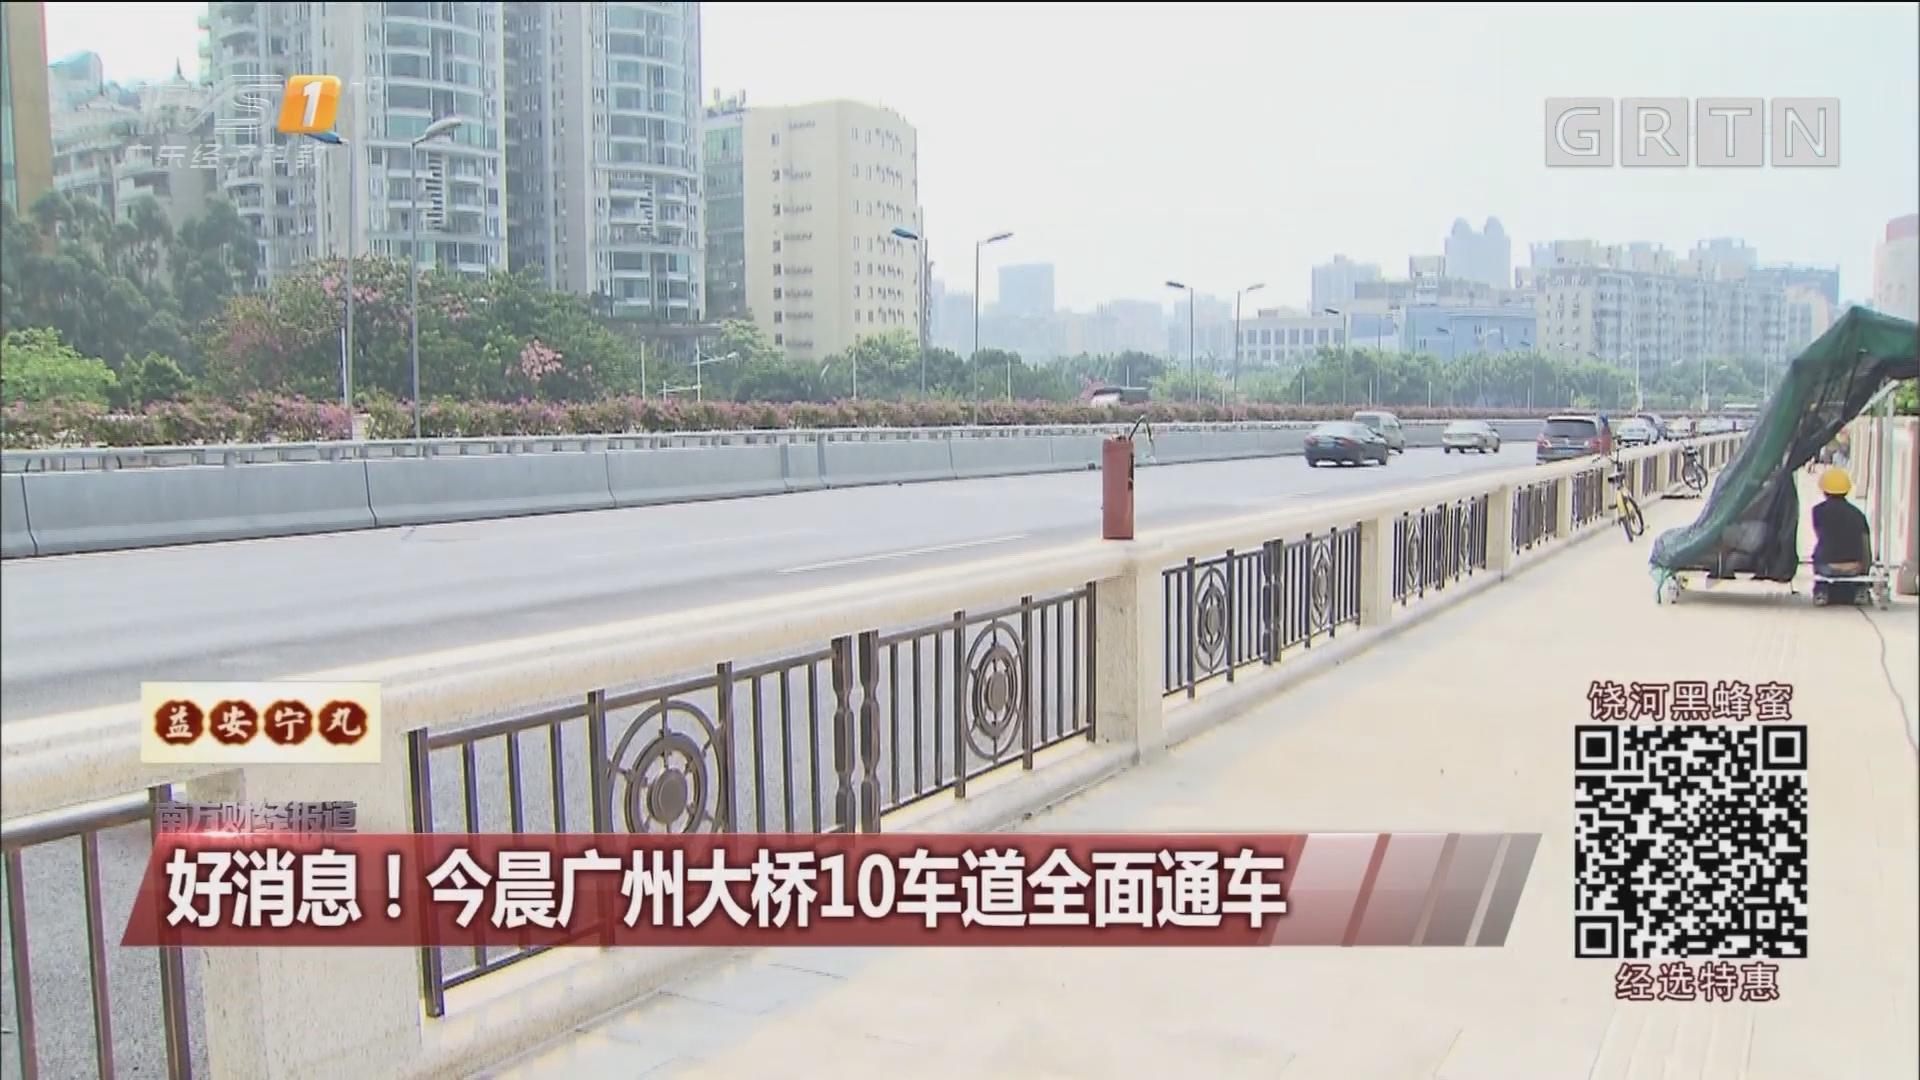 好消息!今晨广州大桥10车道全面通车